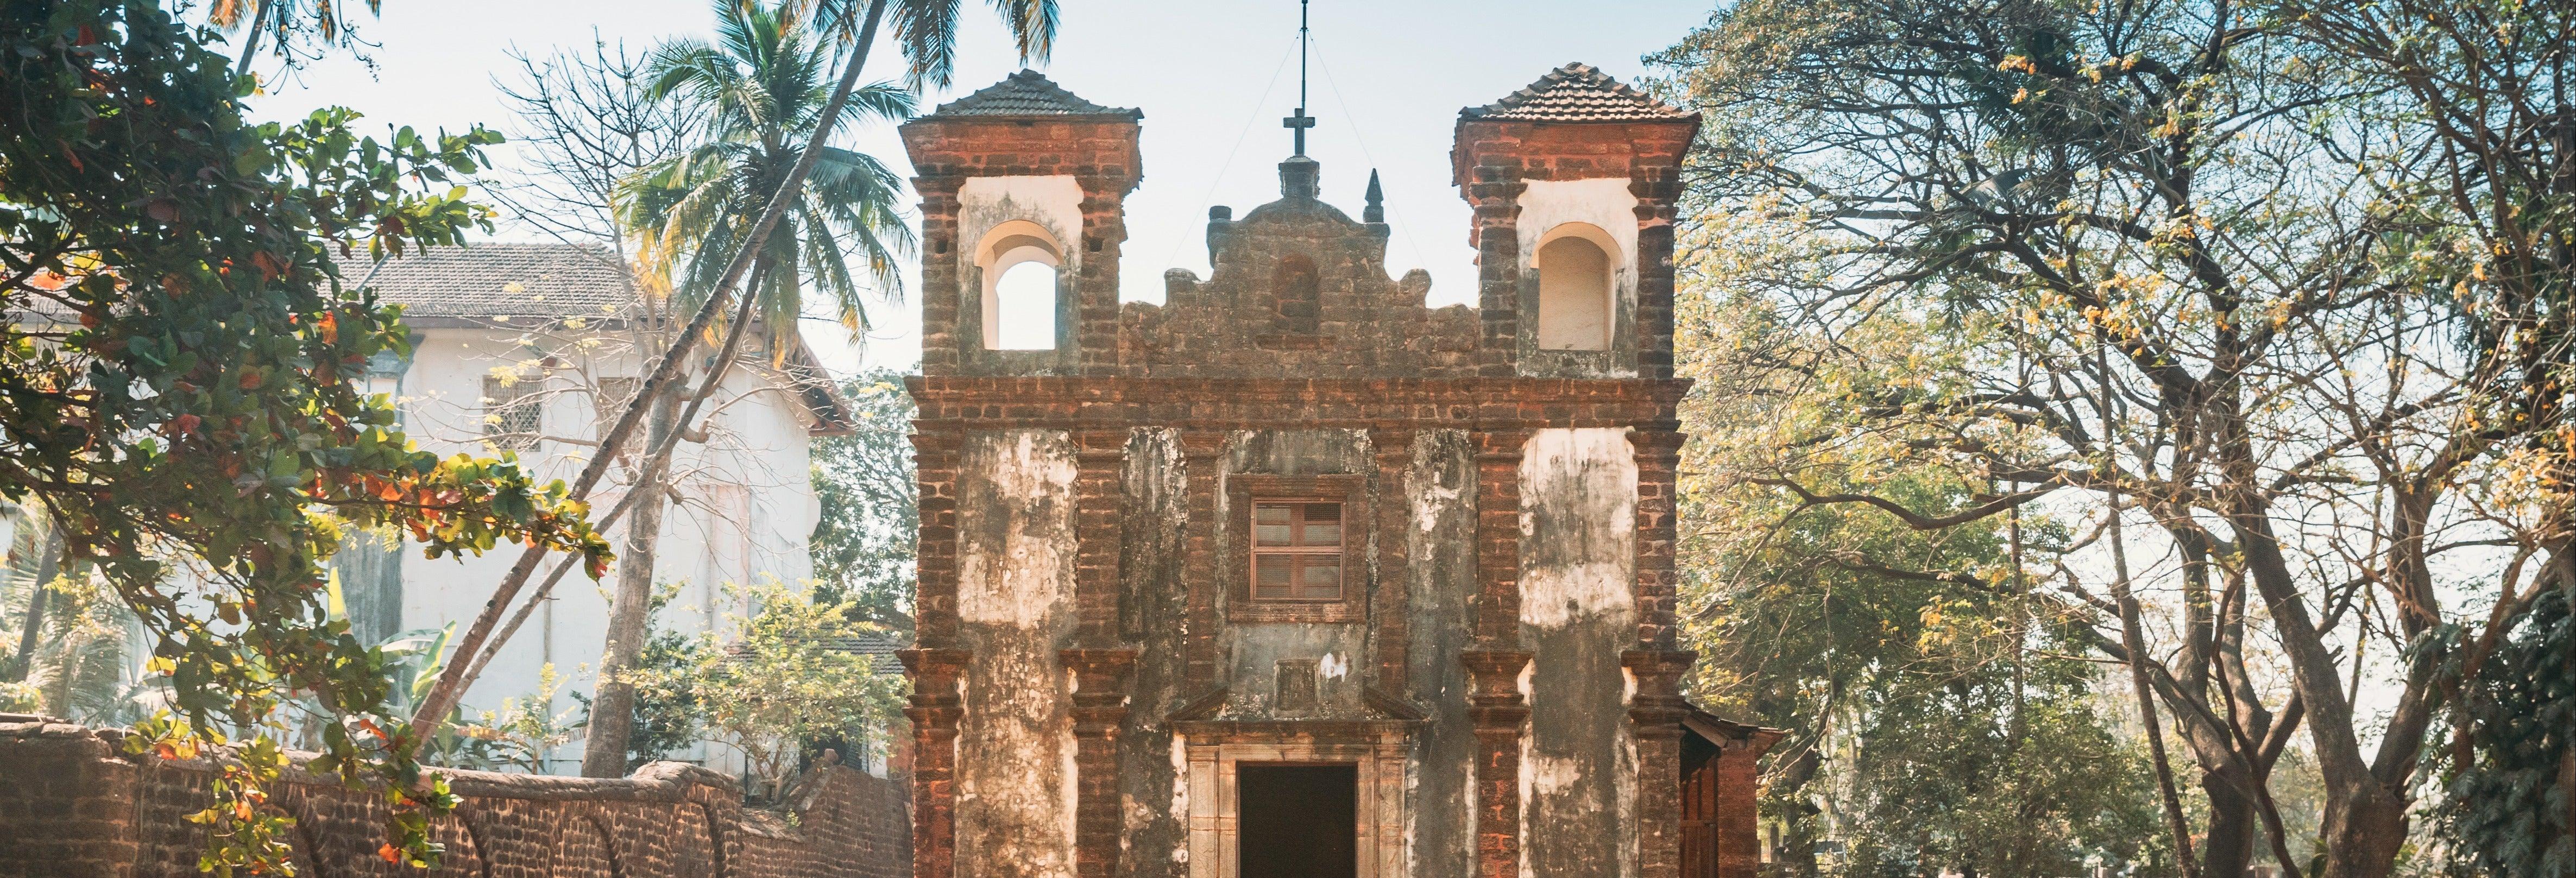 Walking Tour of Old Goa's Churches